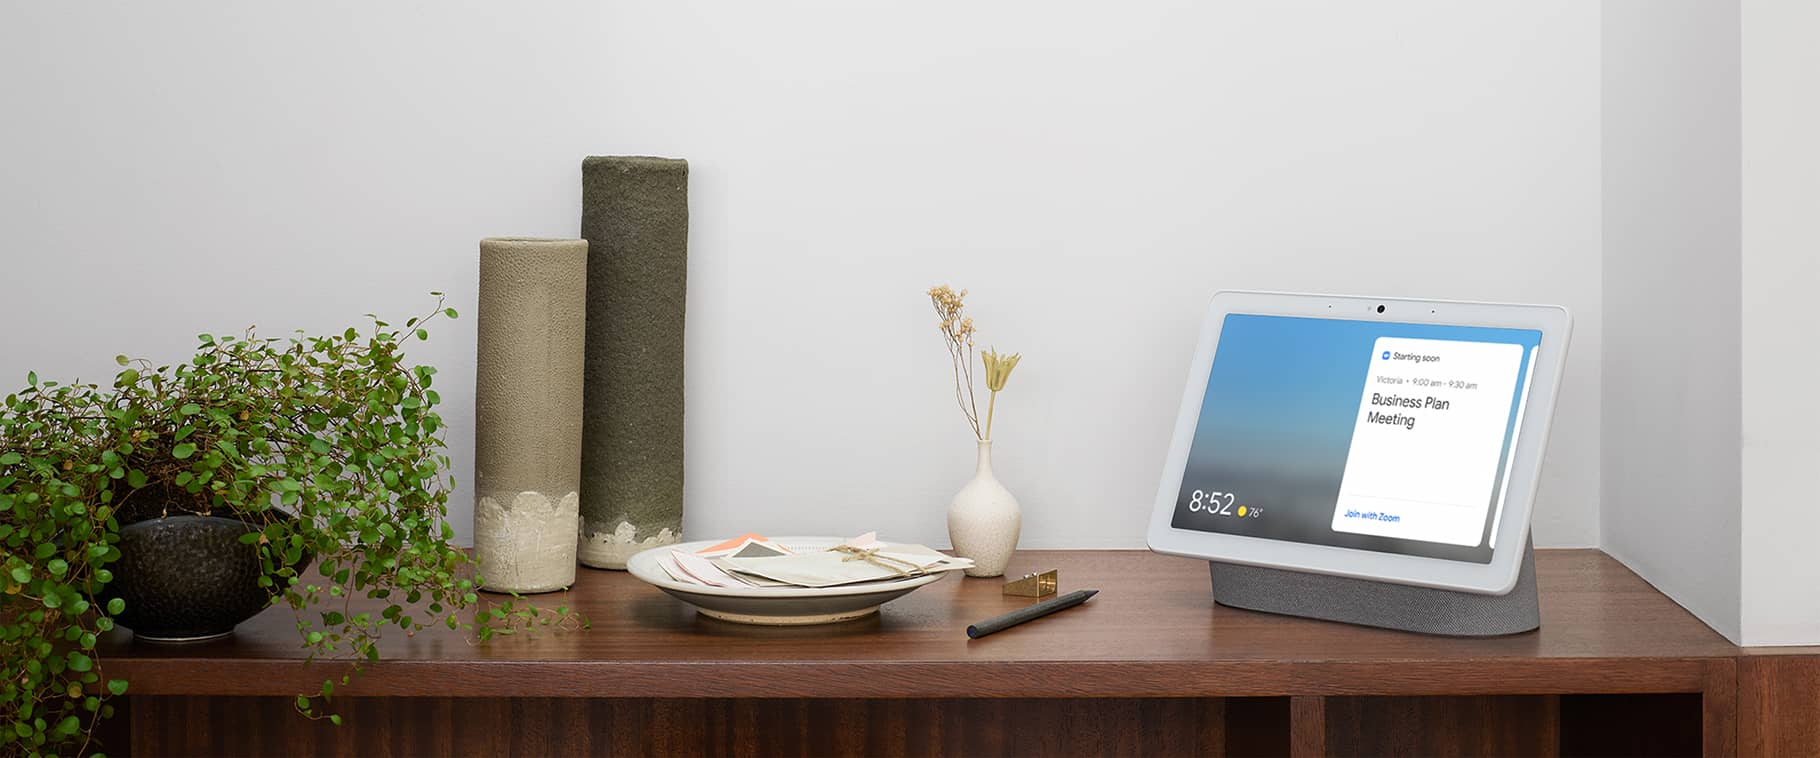 Zoom è in arrivo sui display intelligenti di Amazon, Facebook e Google 1